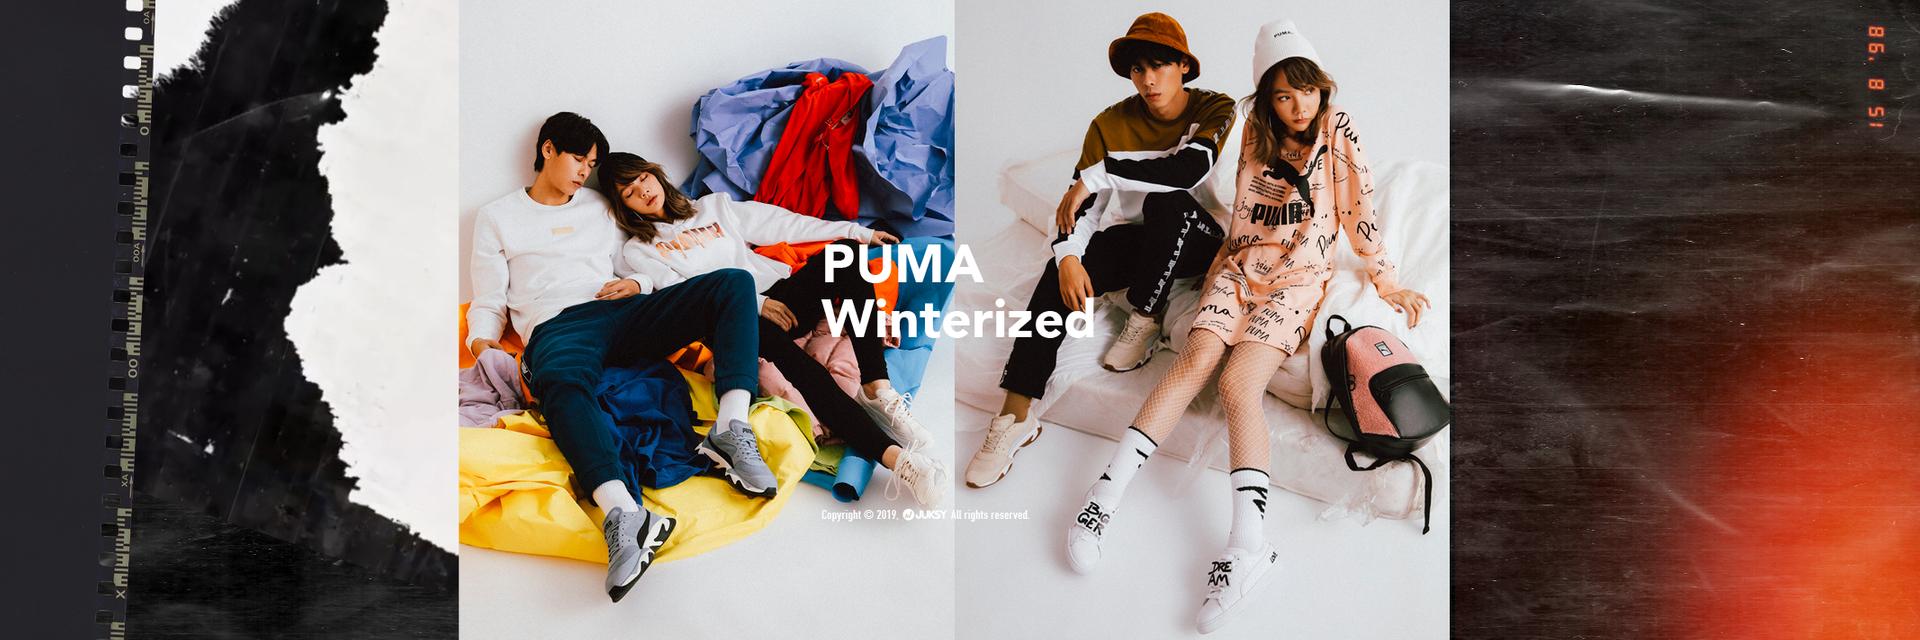 又半夜才睡?學會 PUMA 這幾招,讓你在被窩裡找春天「冬日賴床馭衣術」,每天早上都是補眠日!